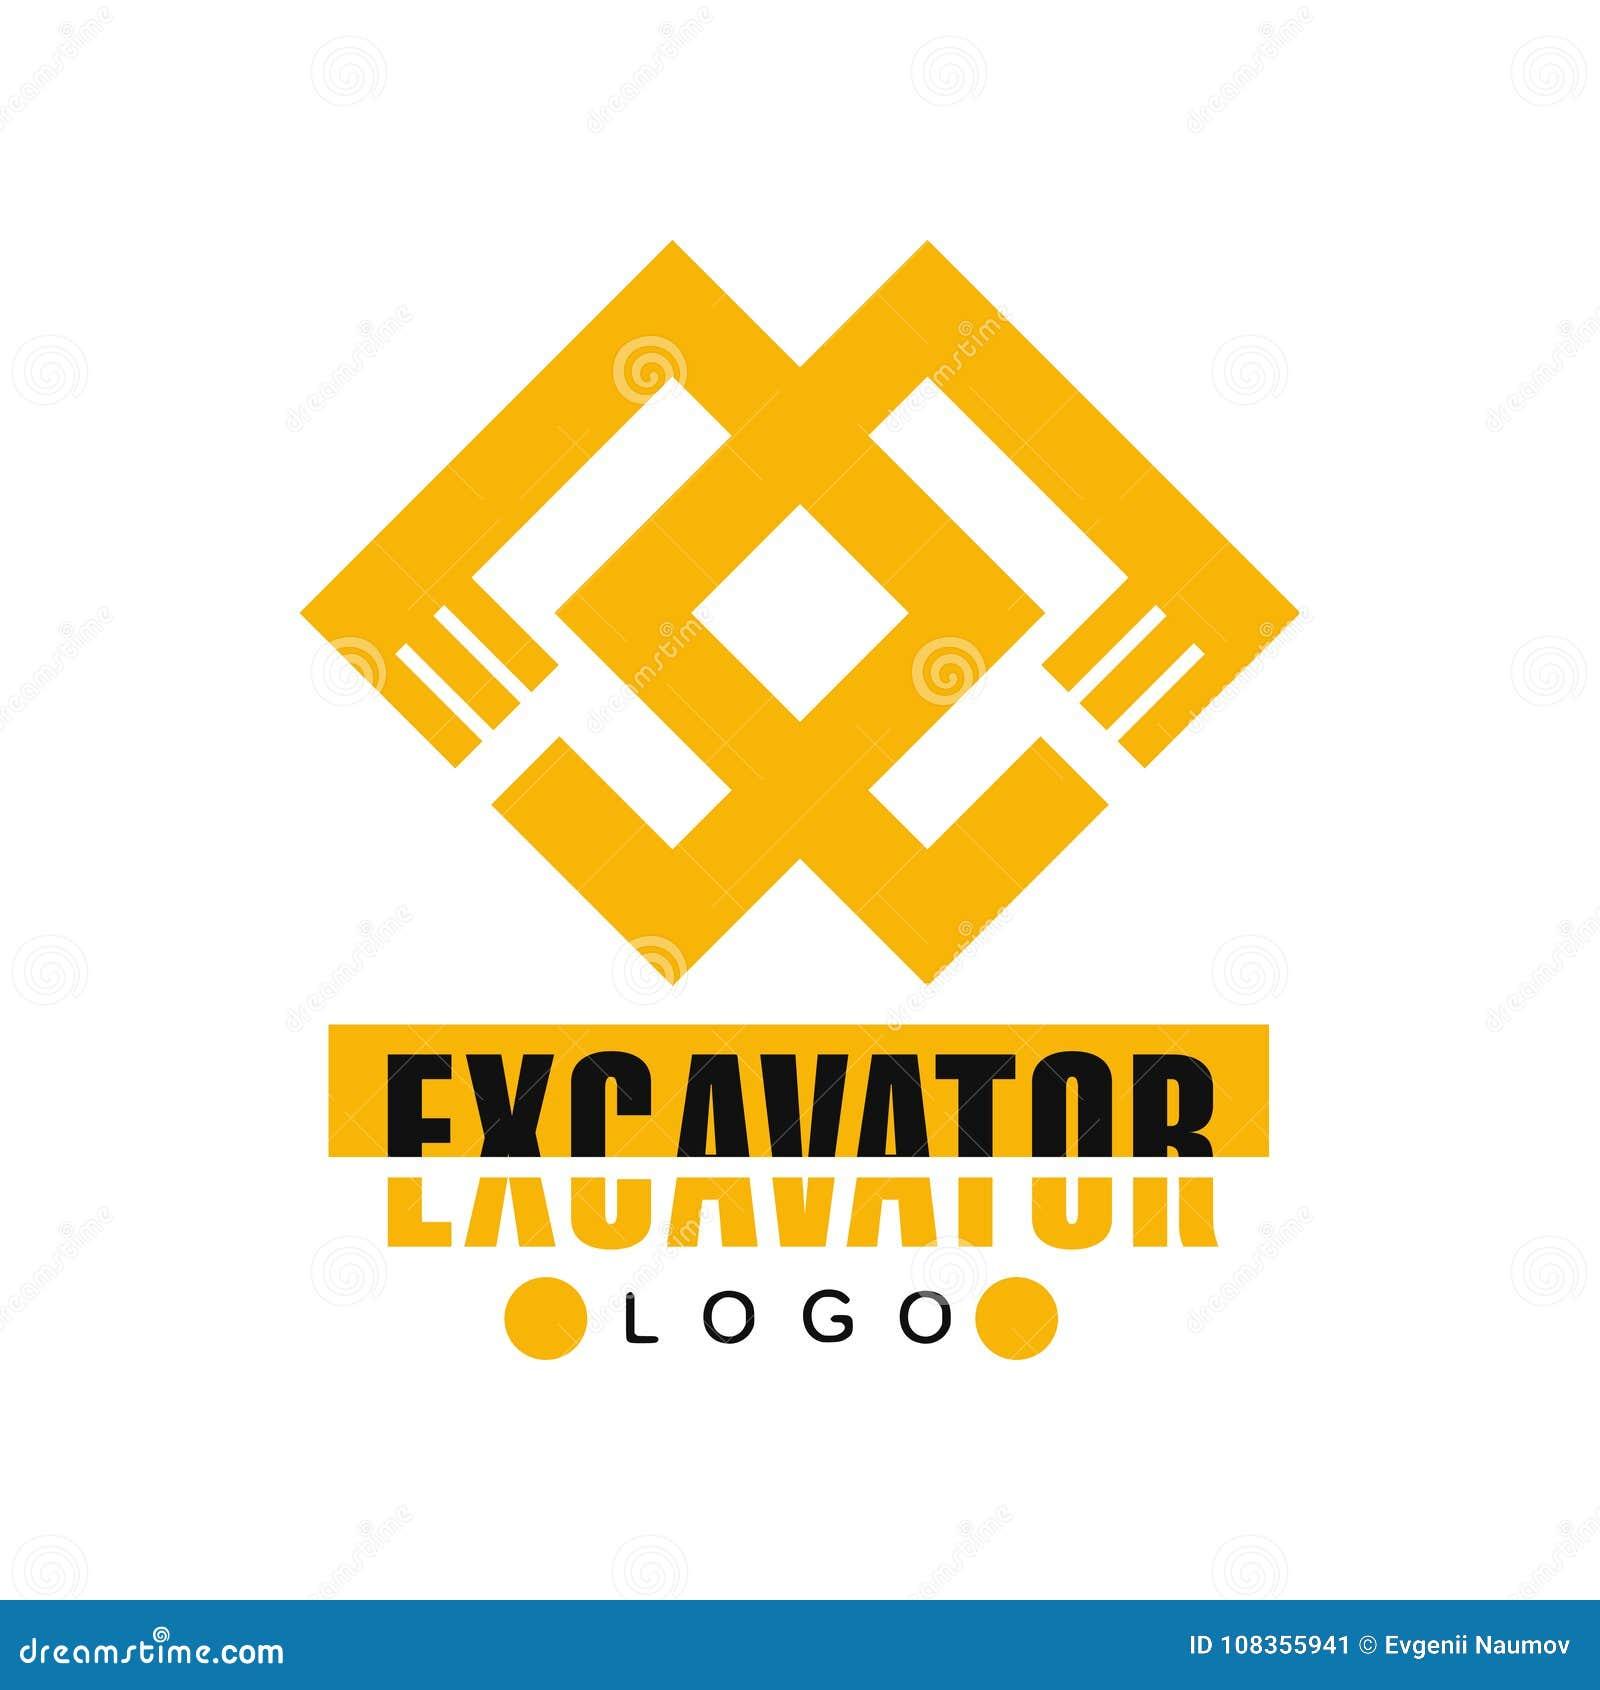 Логотип экскаватора, иллюстрация вектора ярлыка обслуживания backhoe